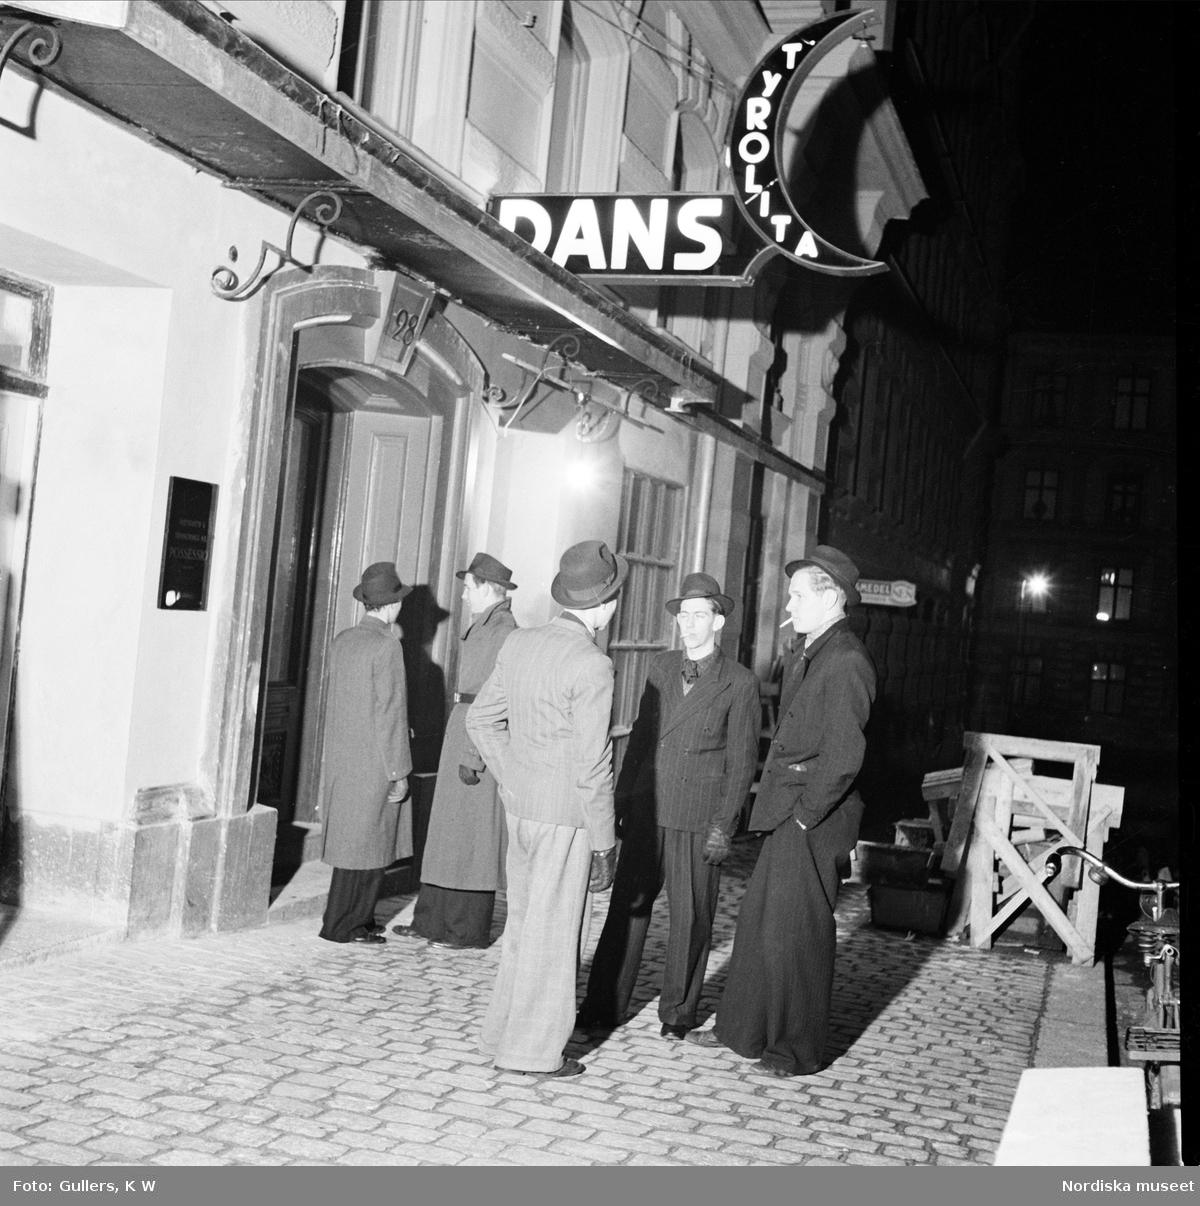 Swingpjattar står utanför dansrestaurang Tyrolita, Stockholm.